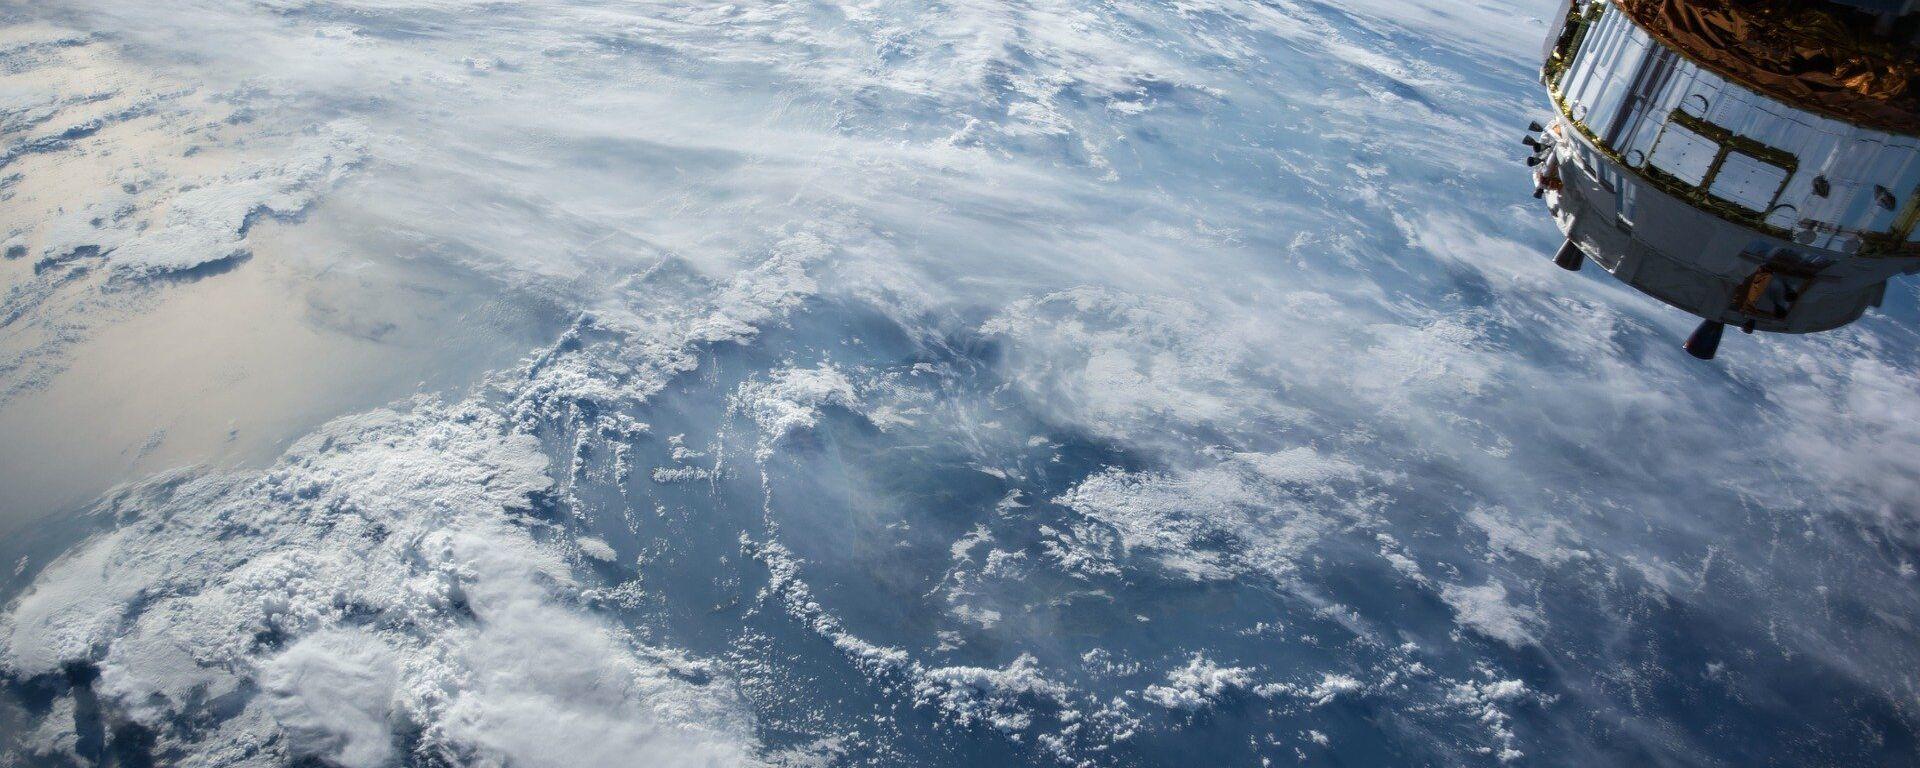 Espacio (imagen referencial) - Sputnik Mundo, 1920, 06.11.2020